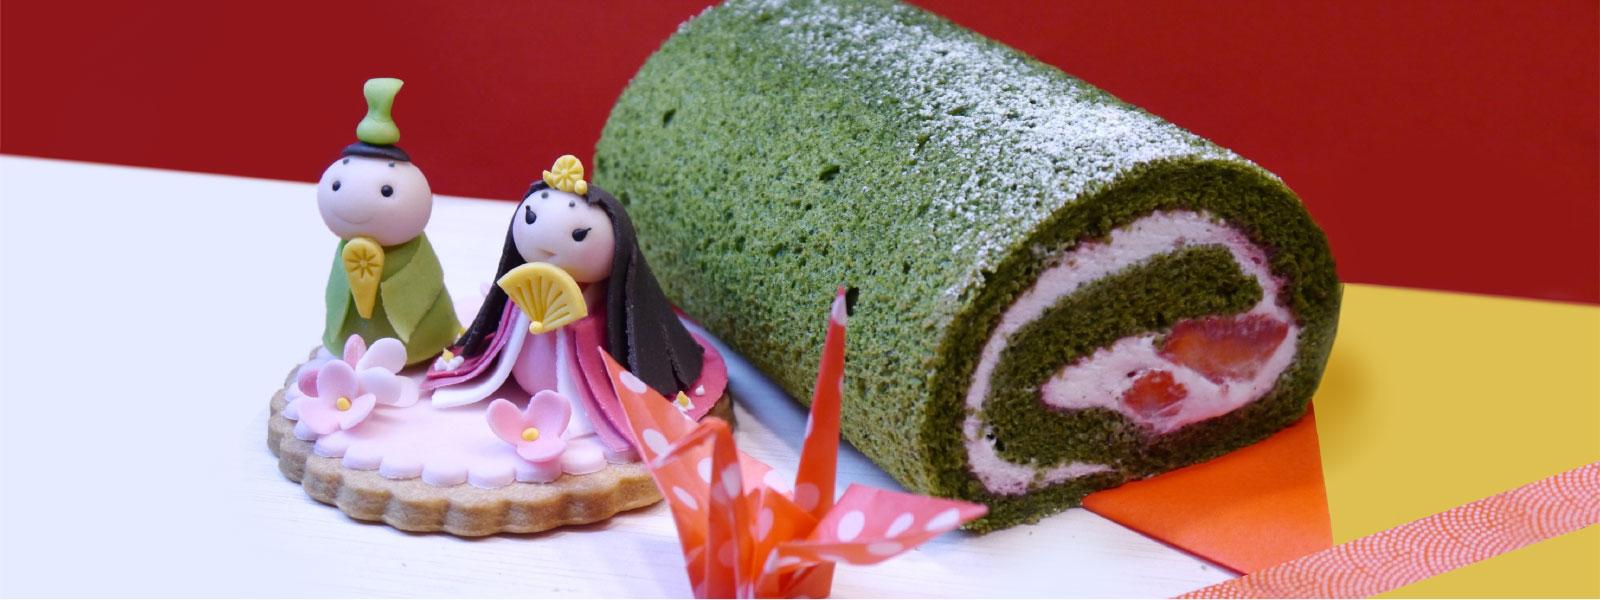 Les Pastilles | pâtisseries de yuka